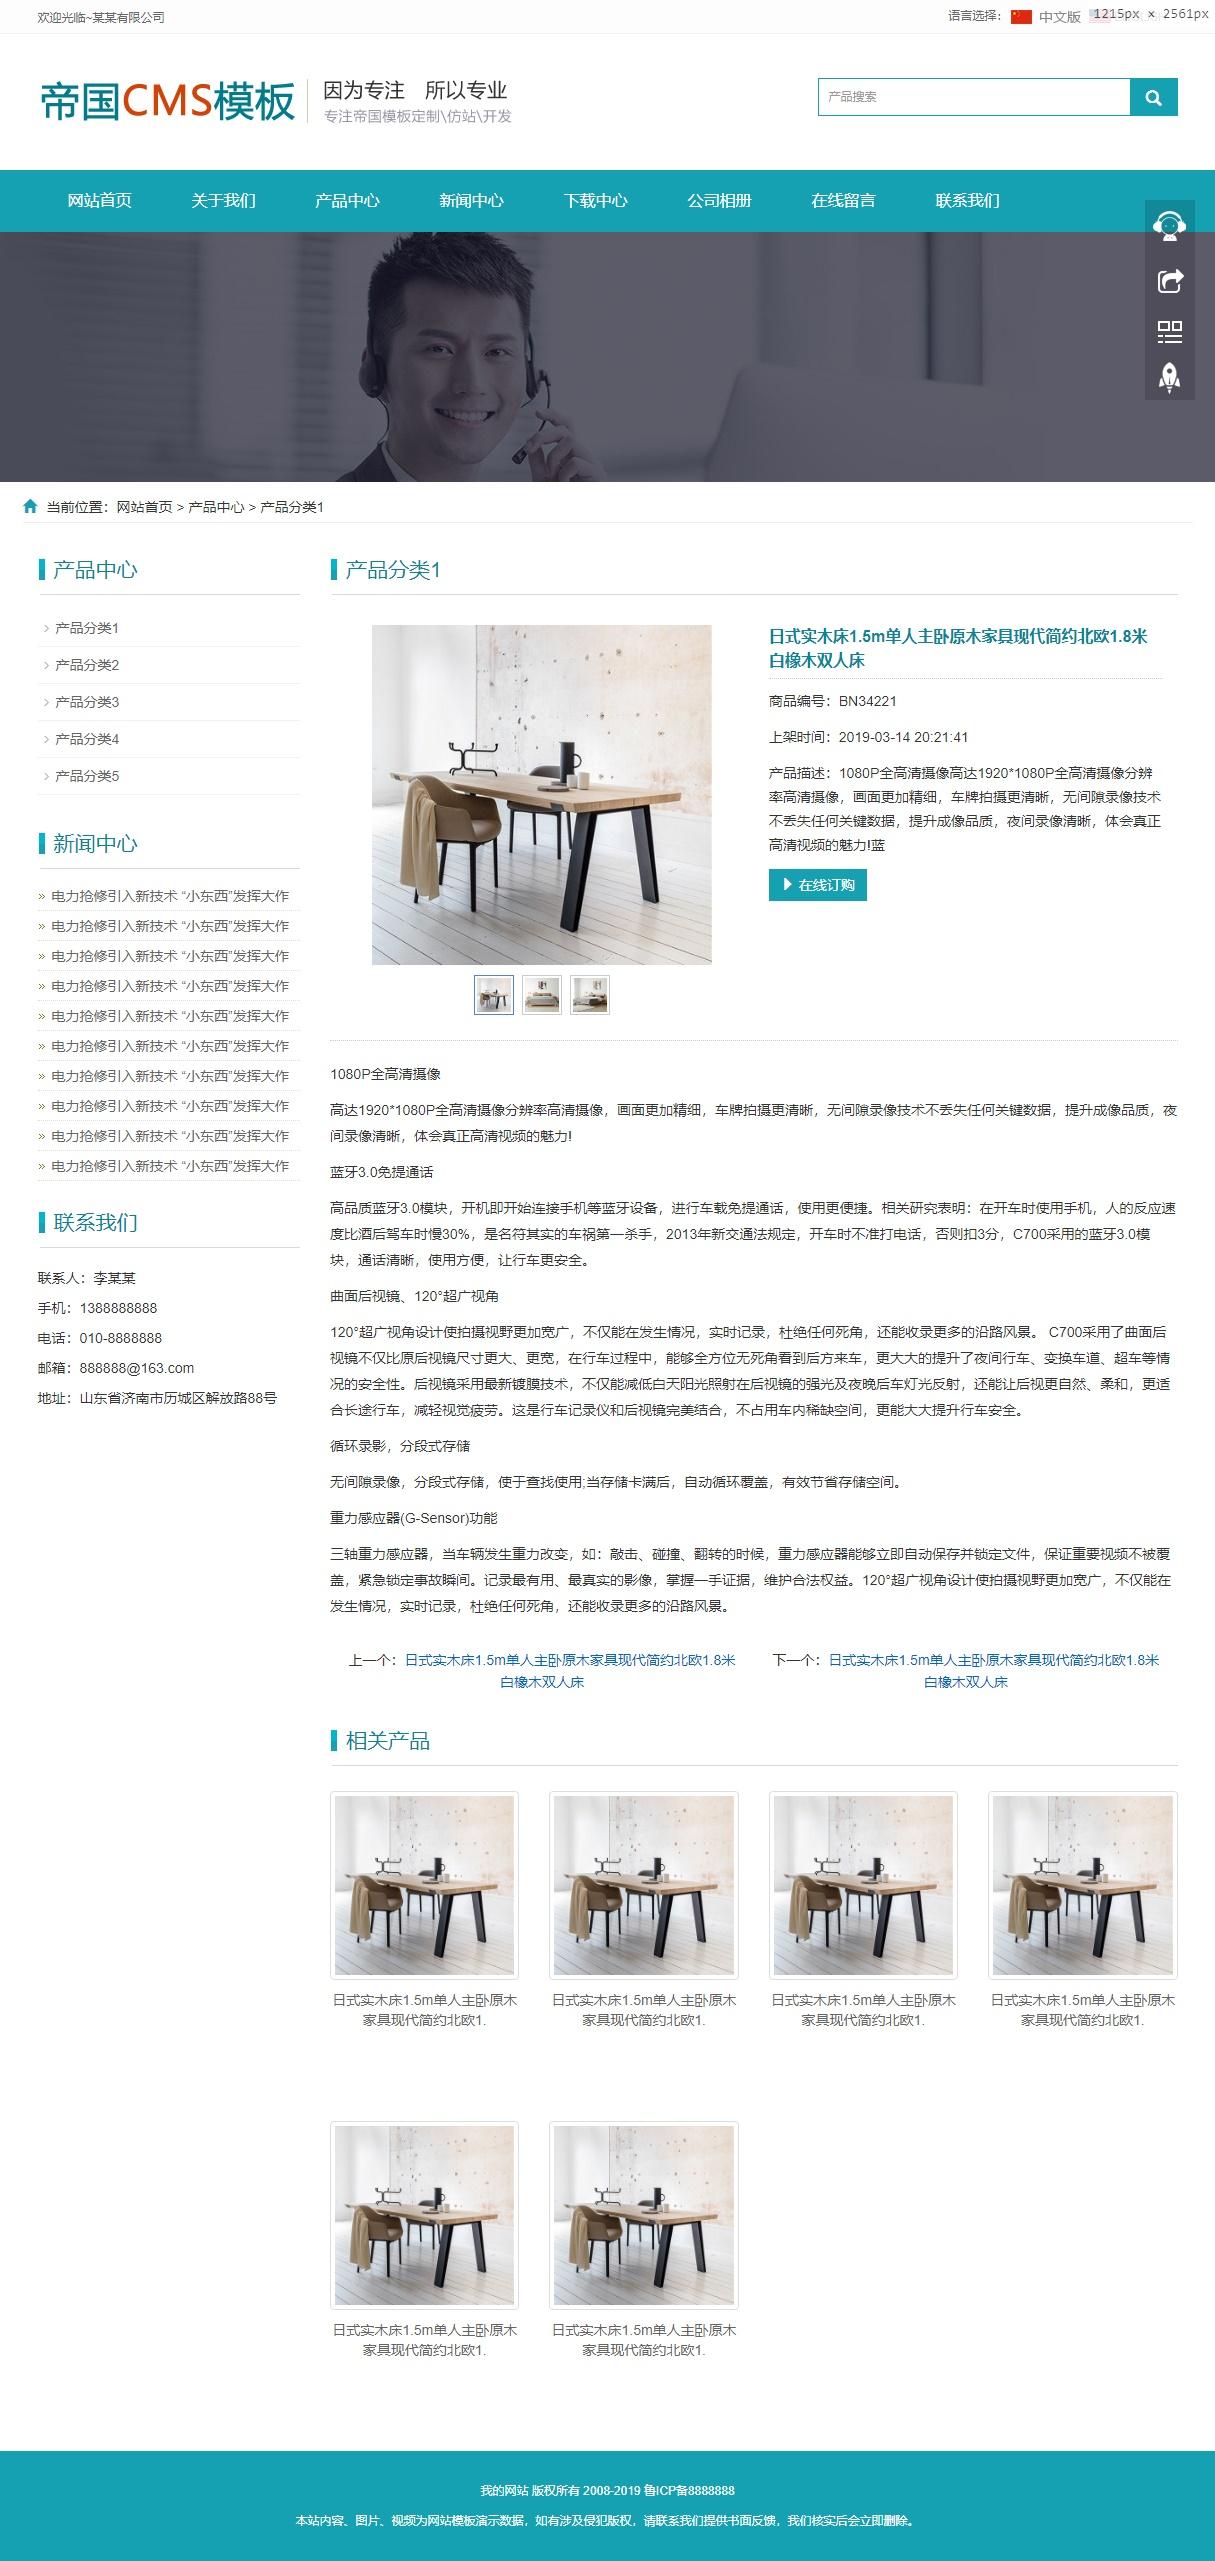 帝国cms模板之公司企业中英文双语版自适应响应式手机网站模板_产品内容页